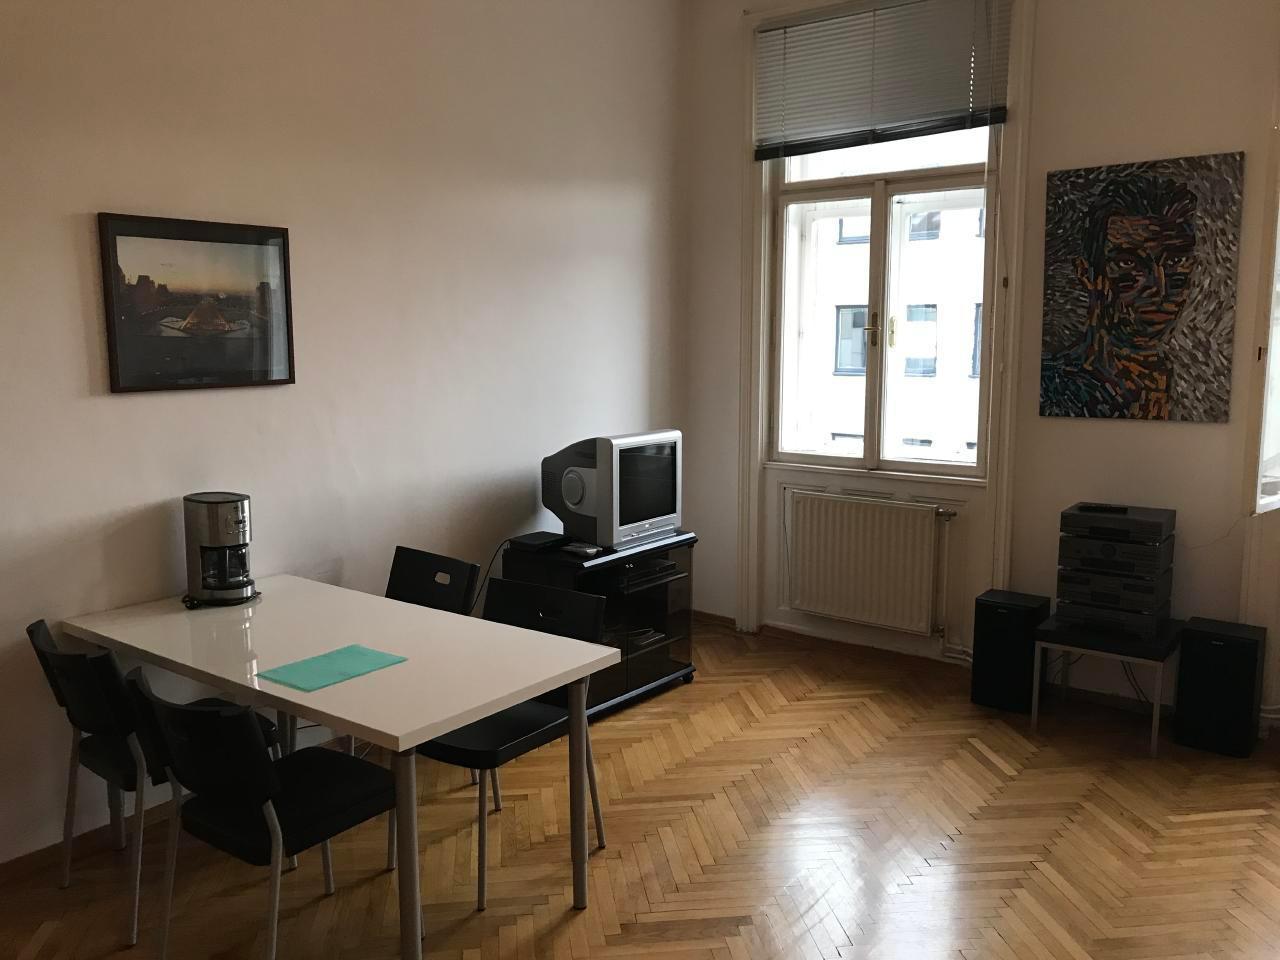 Appartement de vacances Ferienwohnung (359405), Vienne, , Vienne, Autriche, image 5